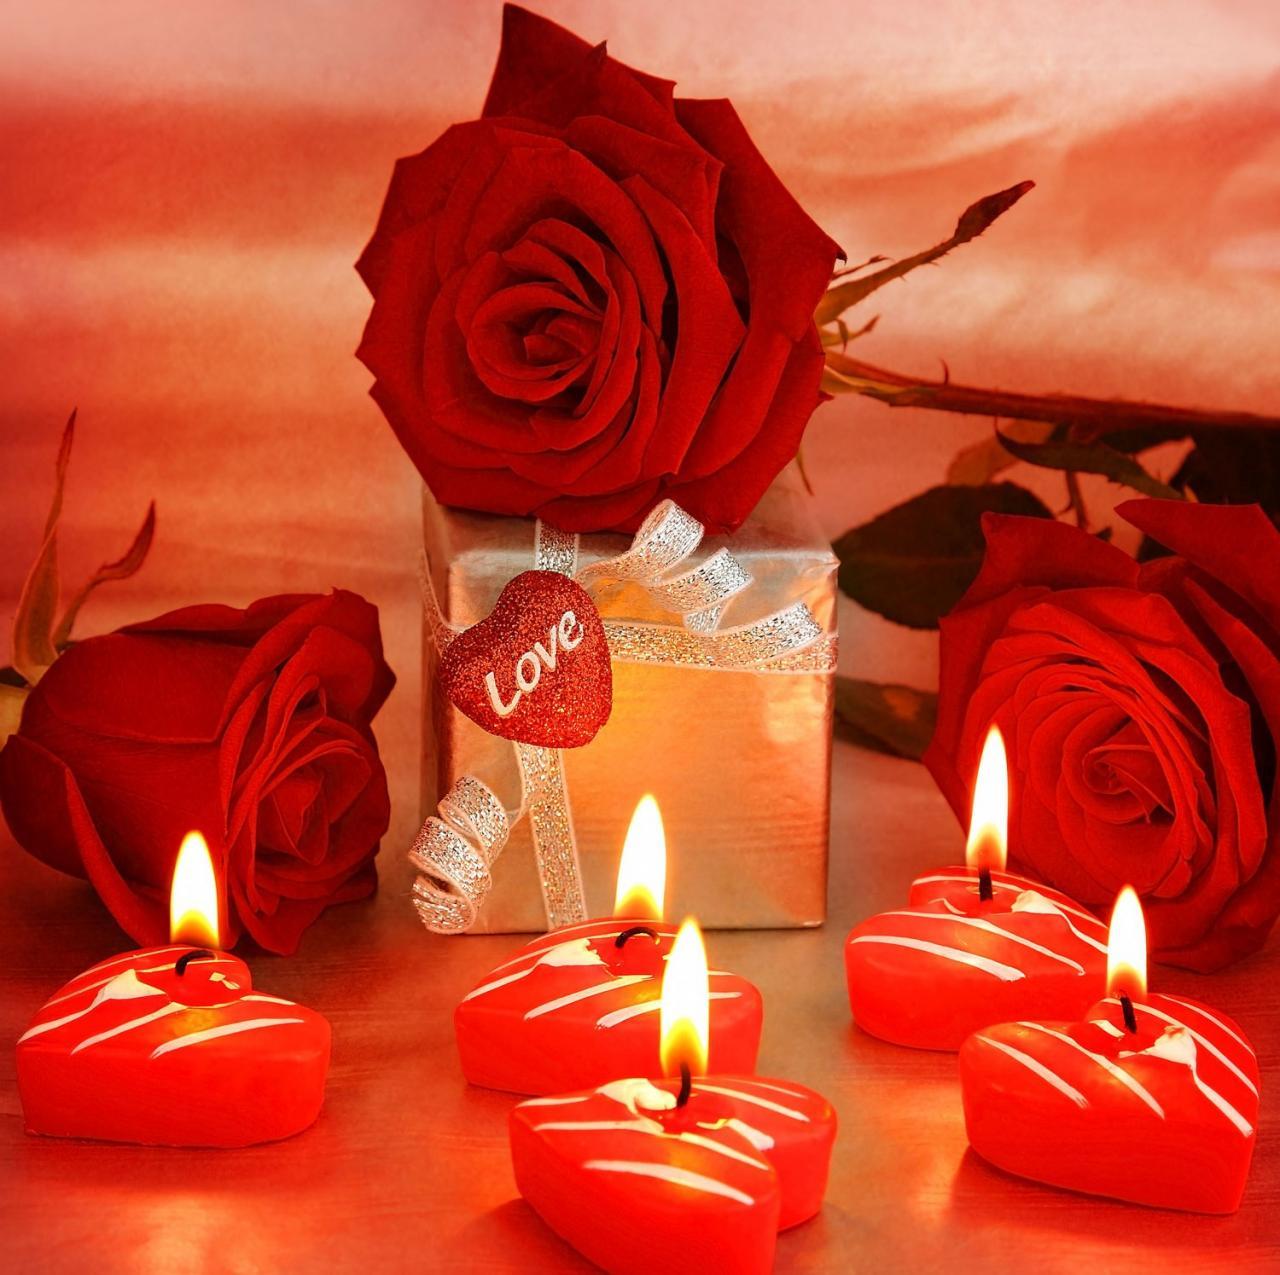 صورة صور رومانسيه جديده , تشكلية رائعة لخلفيات الحب والرومانسية